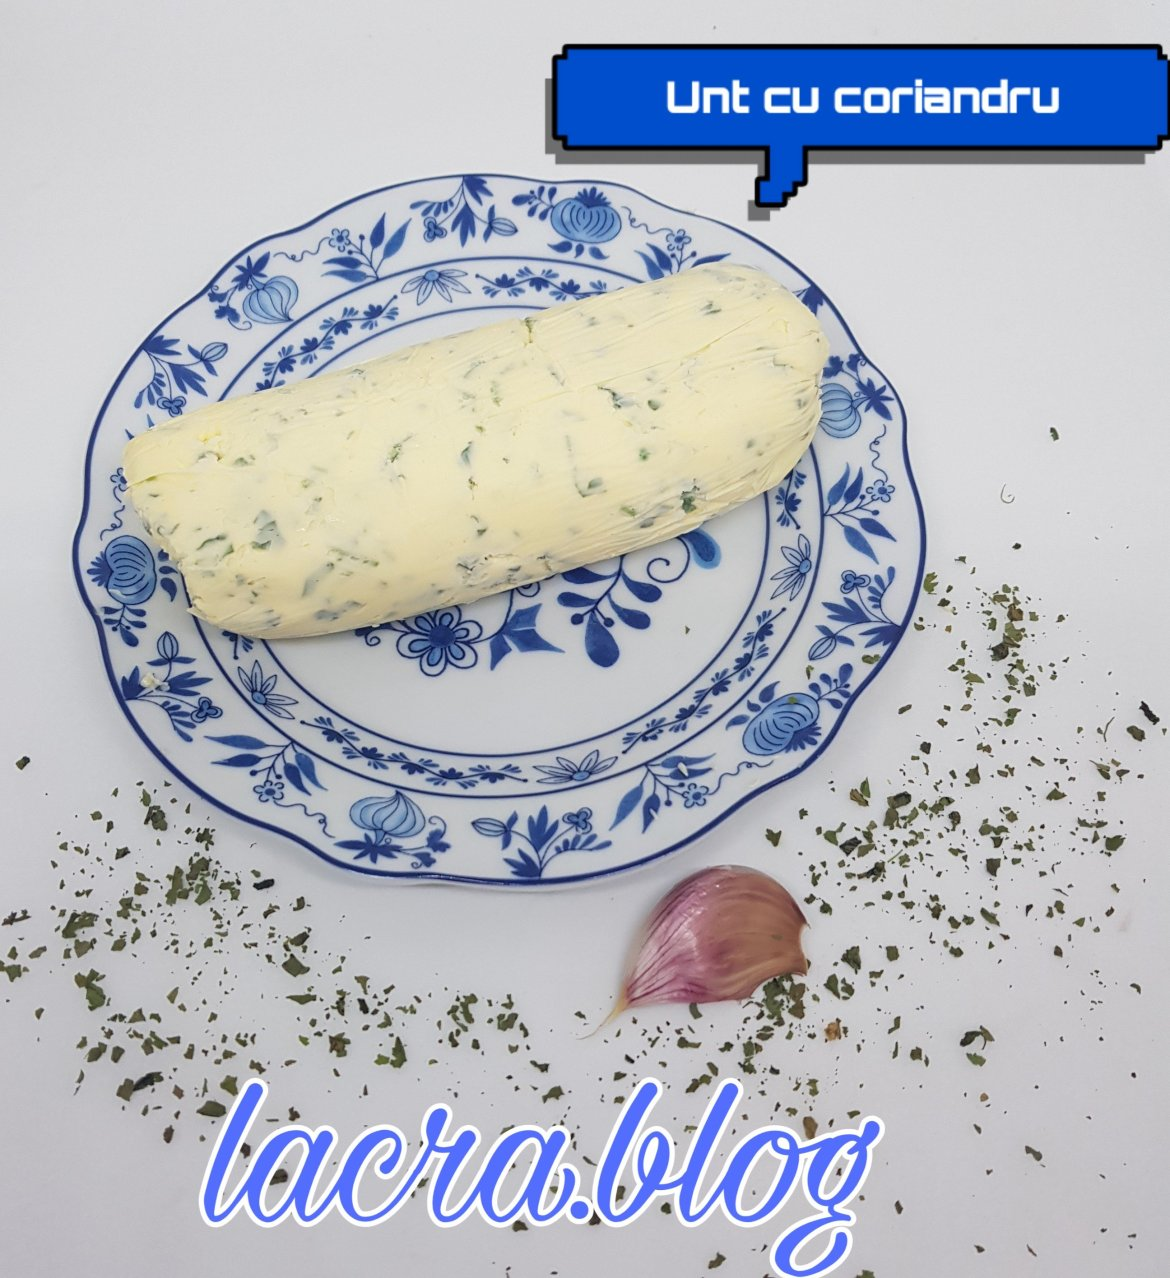 Unt cu coriandru